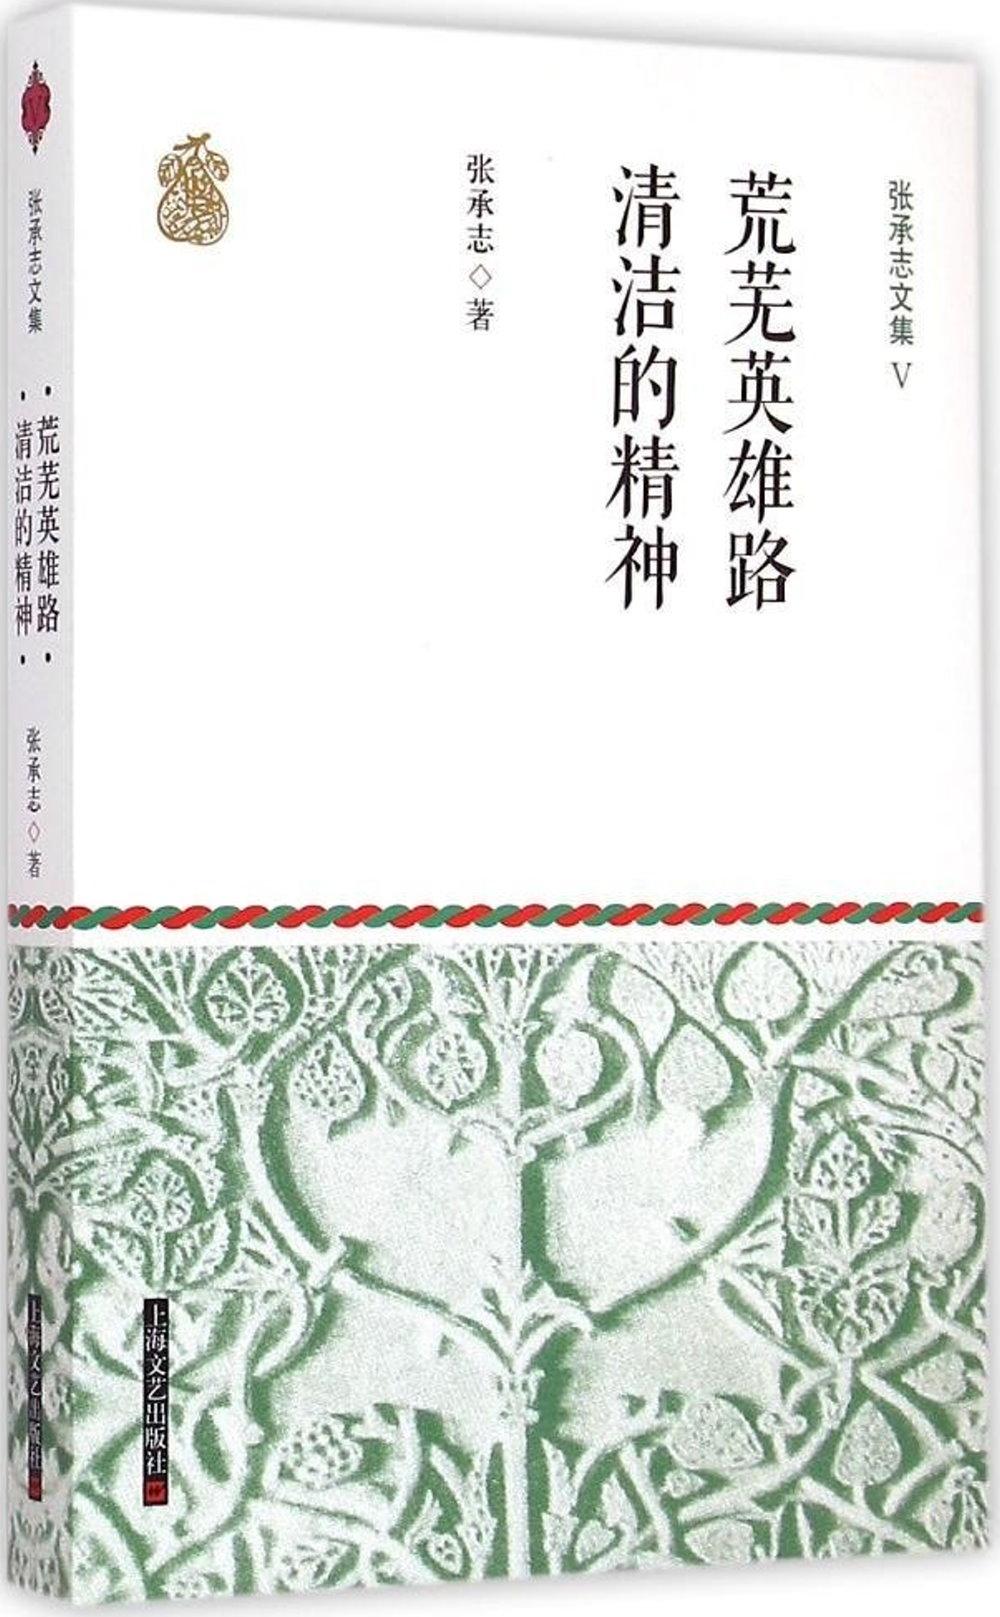 張承志文集(Ⅴ):荒蕪英雄路·清潔的精神